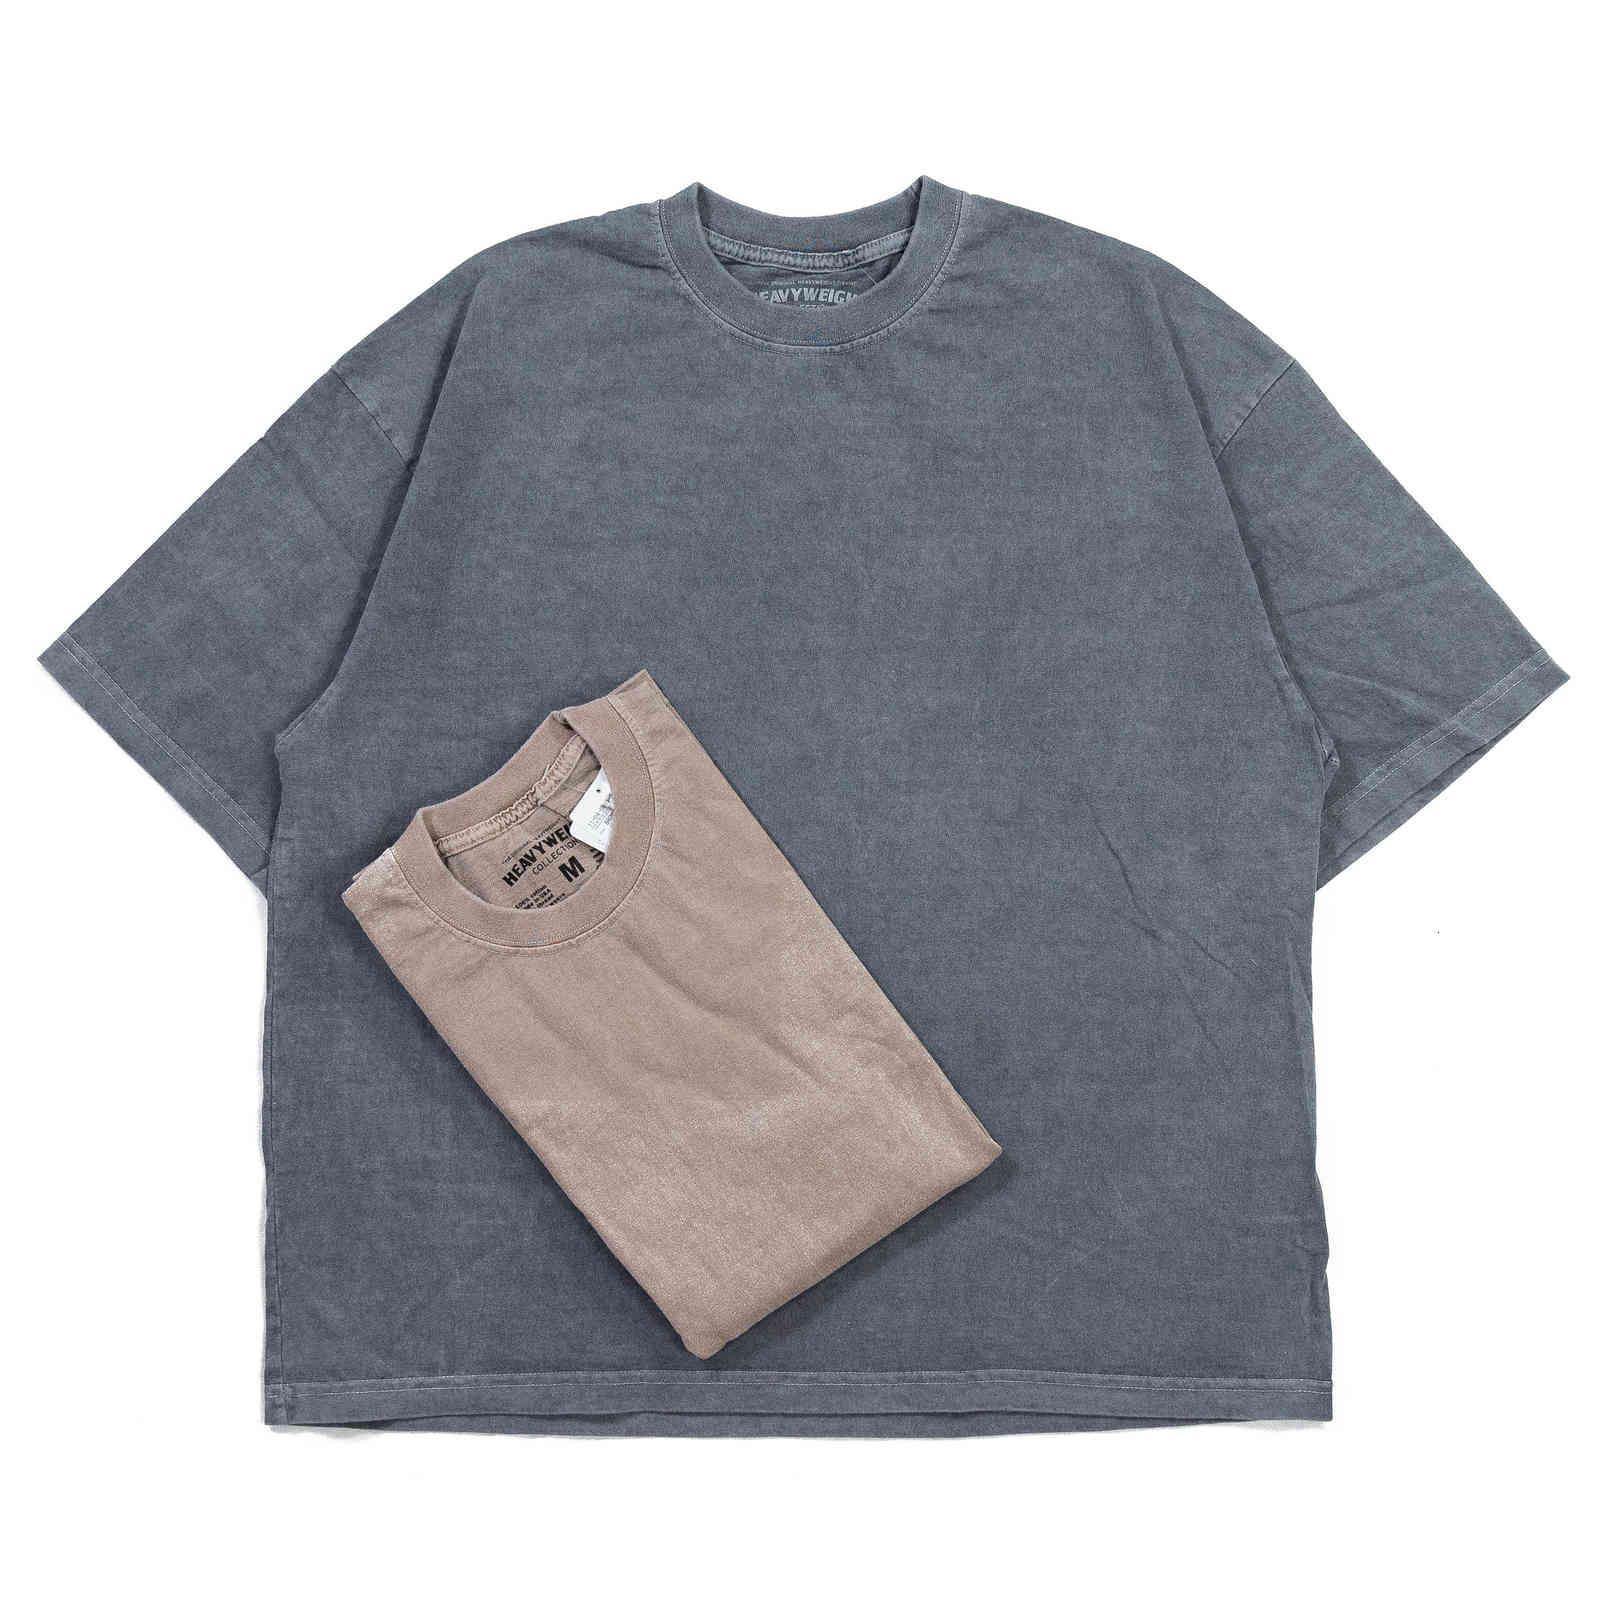 CO-BALT SSZ Branded Healweight Collections Baumwollwaschbügel Batik Kurzarm T-Shirt